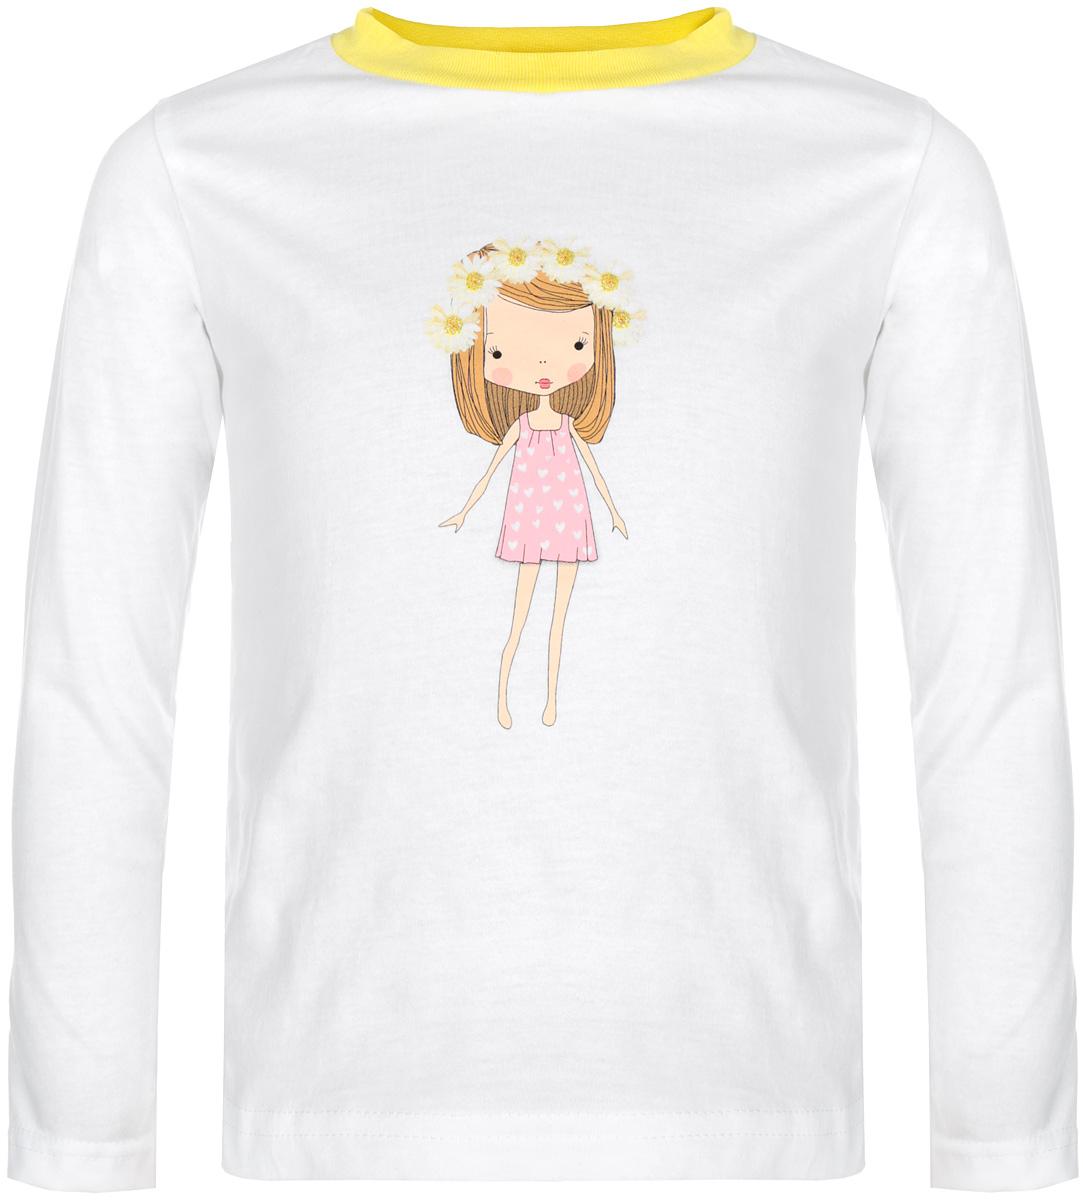 Лонгслив15562Стильная футболка с длинным рукавом для девочки КотМарКот идеально подойдет вашей моднице. Изготовленная из натурального хлопка, она мягкая и приятная на ощупь, не сковывает движения и позволяет коже дышать, не раздражает даже самую нежную и чувствительную кожу ребенка, обеспечивая наибольший комфорт. Футболка прямого кроя с длинными рукавами и круглым вырезом горловины оформлена изображением очаровательной девочки с венком на голове, украшена блестками. Вырез горловины дополнен трикотажной эластичной резинкой. Современный дизайн и модная расцветка делают эту футболку стильным предметом детского гардероба. В ней ваша принцесса будет чувствовать себя уютно и комфортно, и всегда будет в центре внимания!